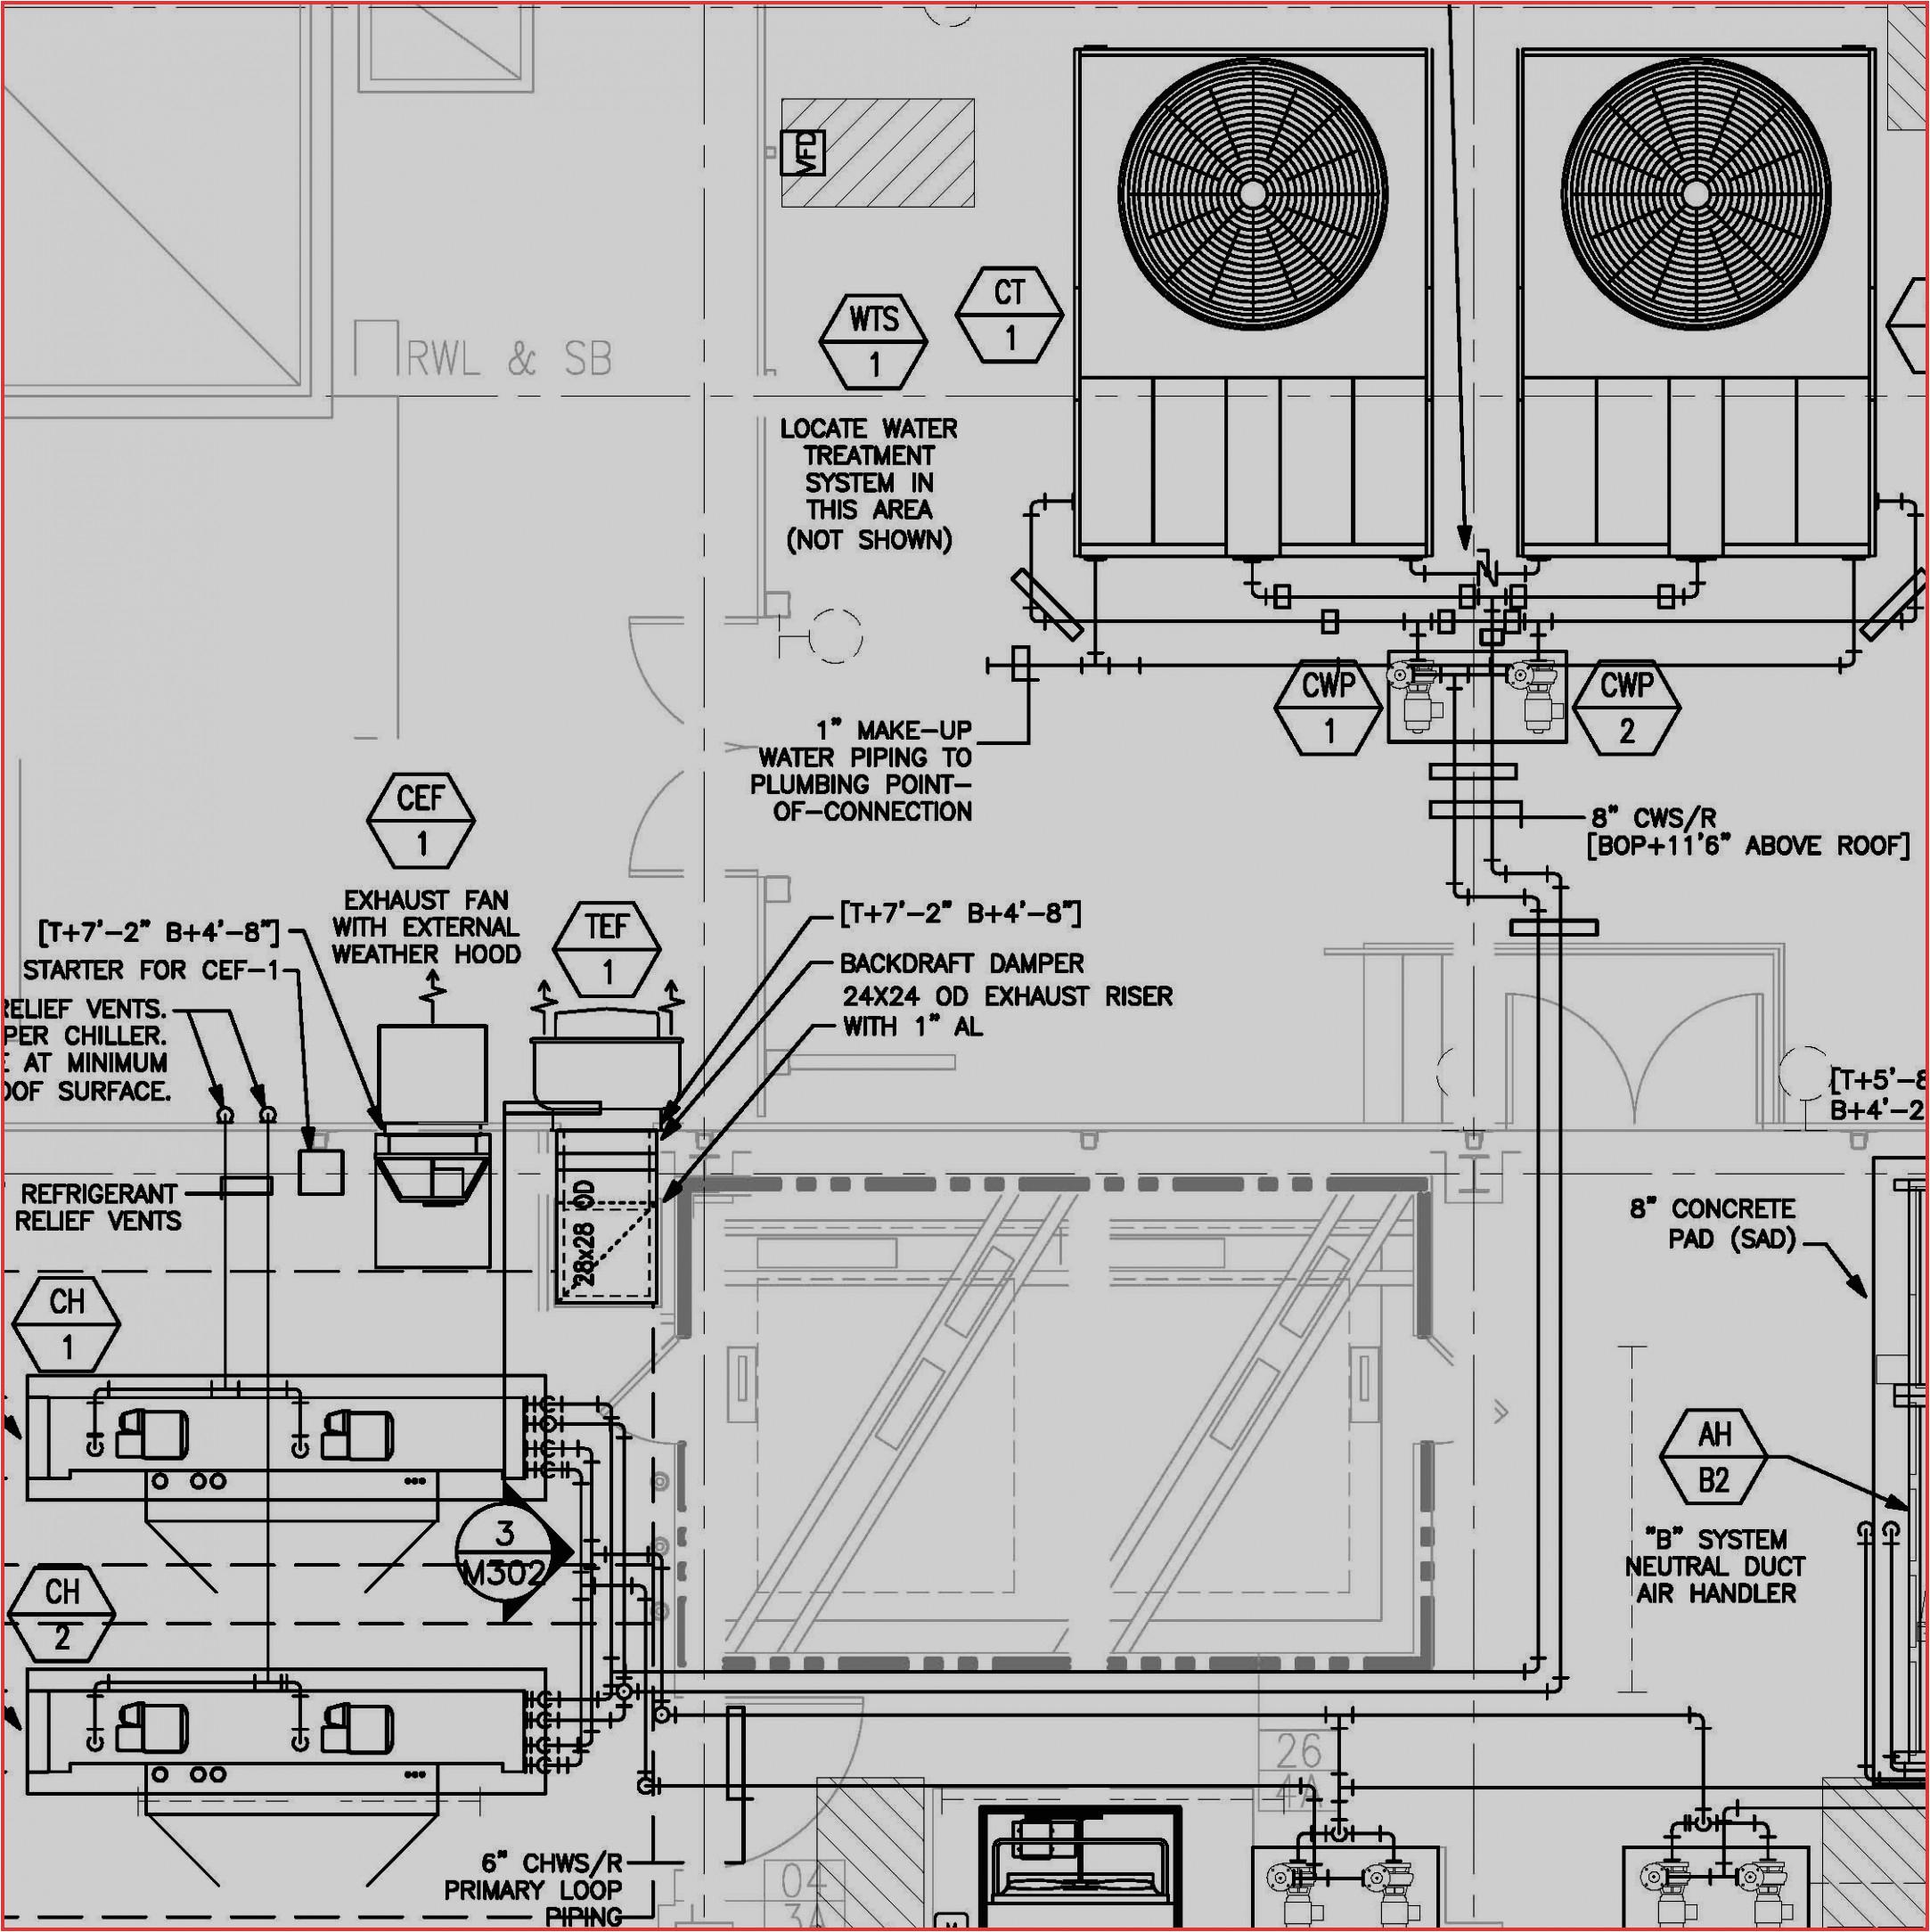 piping diagram book wiring diagram expert piping diagram book